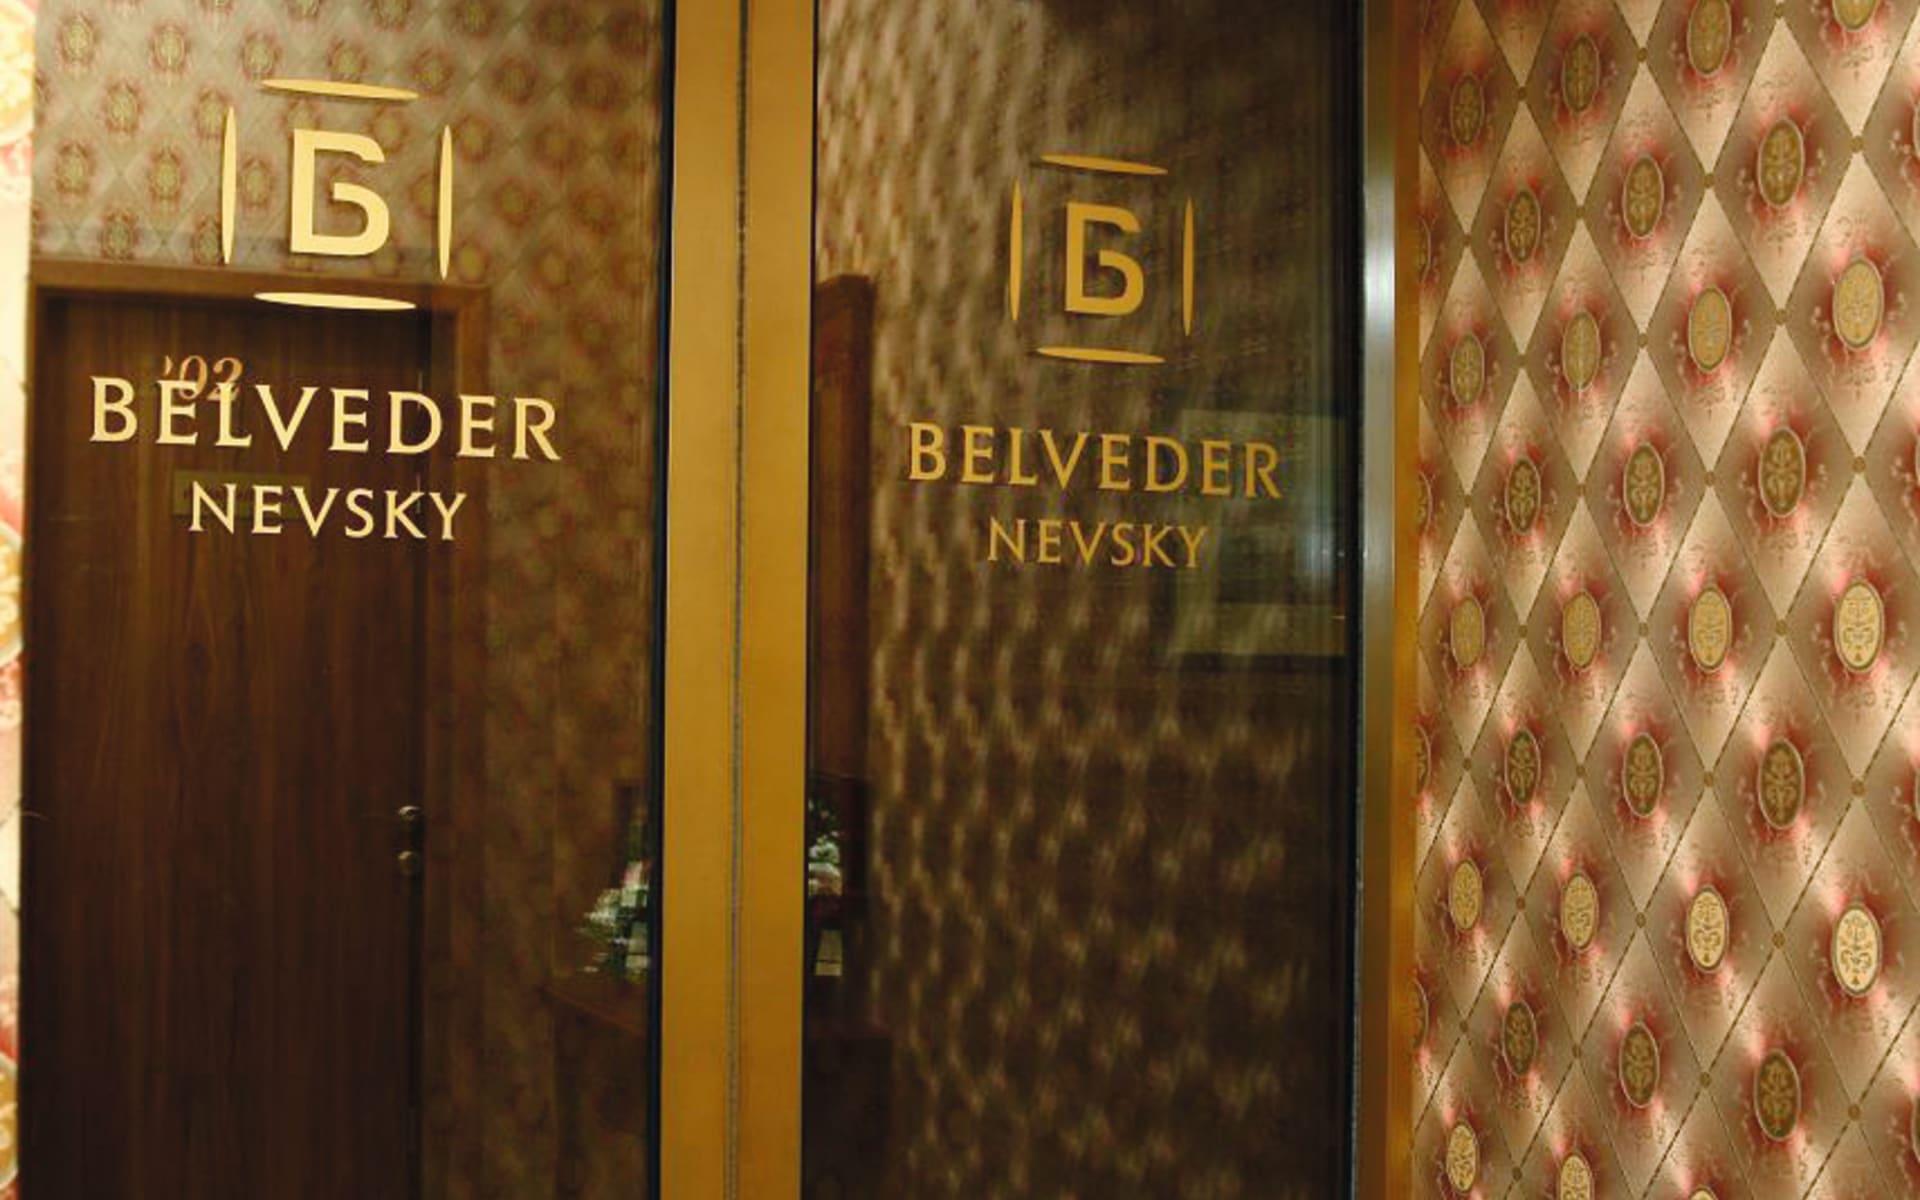 Hotel Belvedere-Newski in St. Petersburg: Russland_St.Petersburg_BelvedereNewski_Eingang